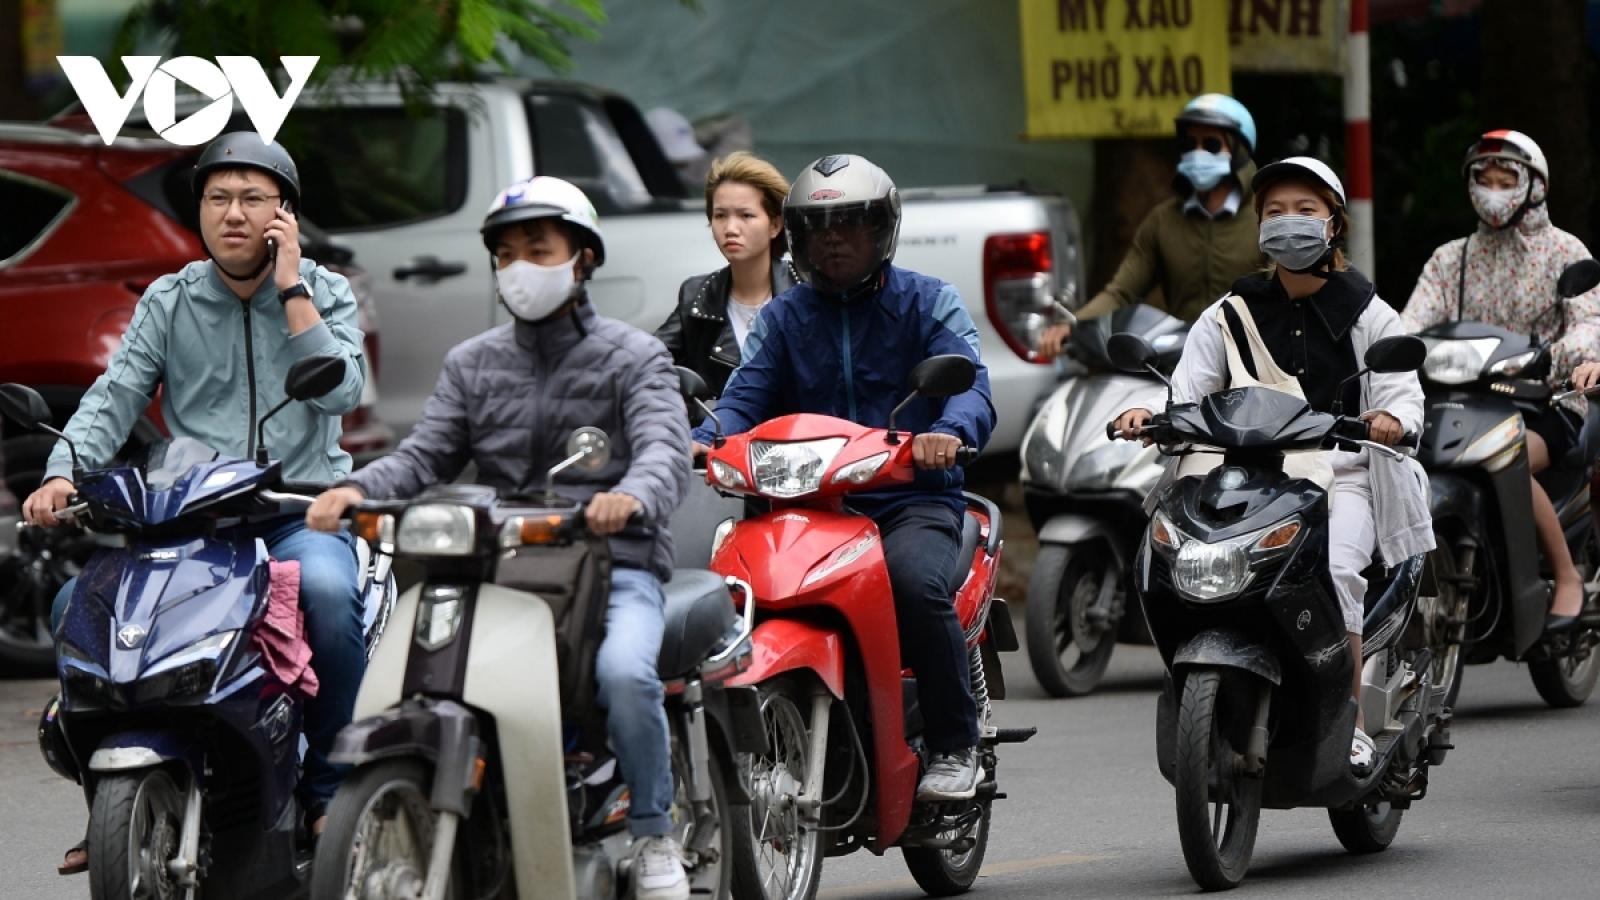 Dự báo thời tiết ngày 17/2: Nền nhiệt giảm, Hà Nội có mưa